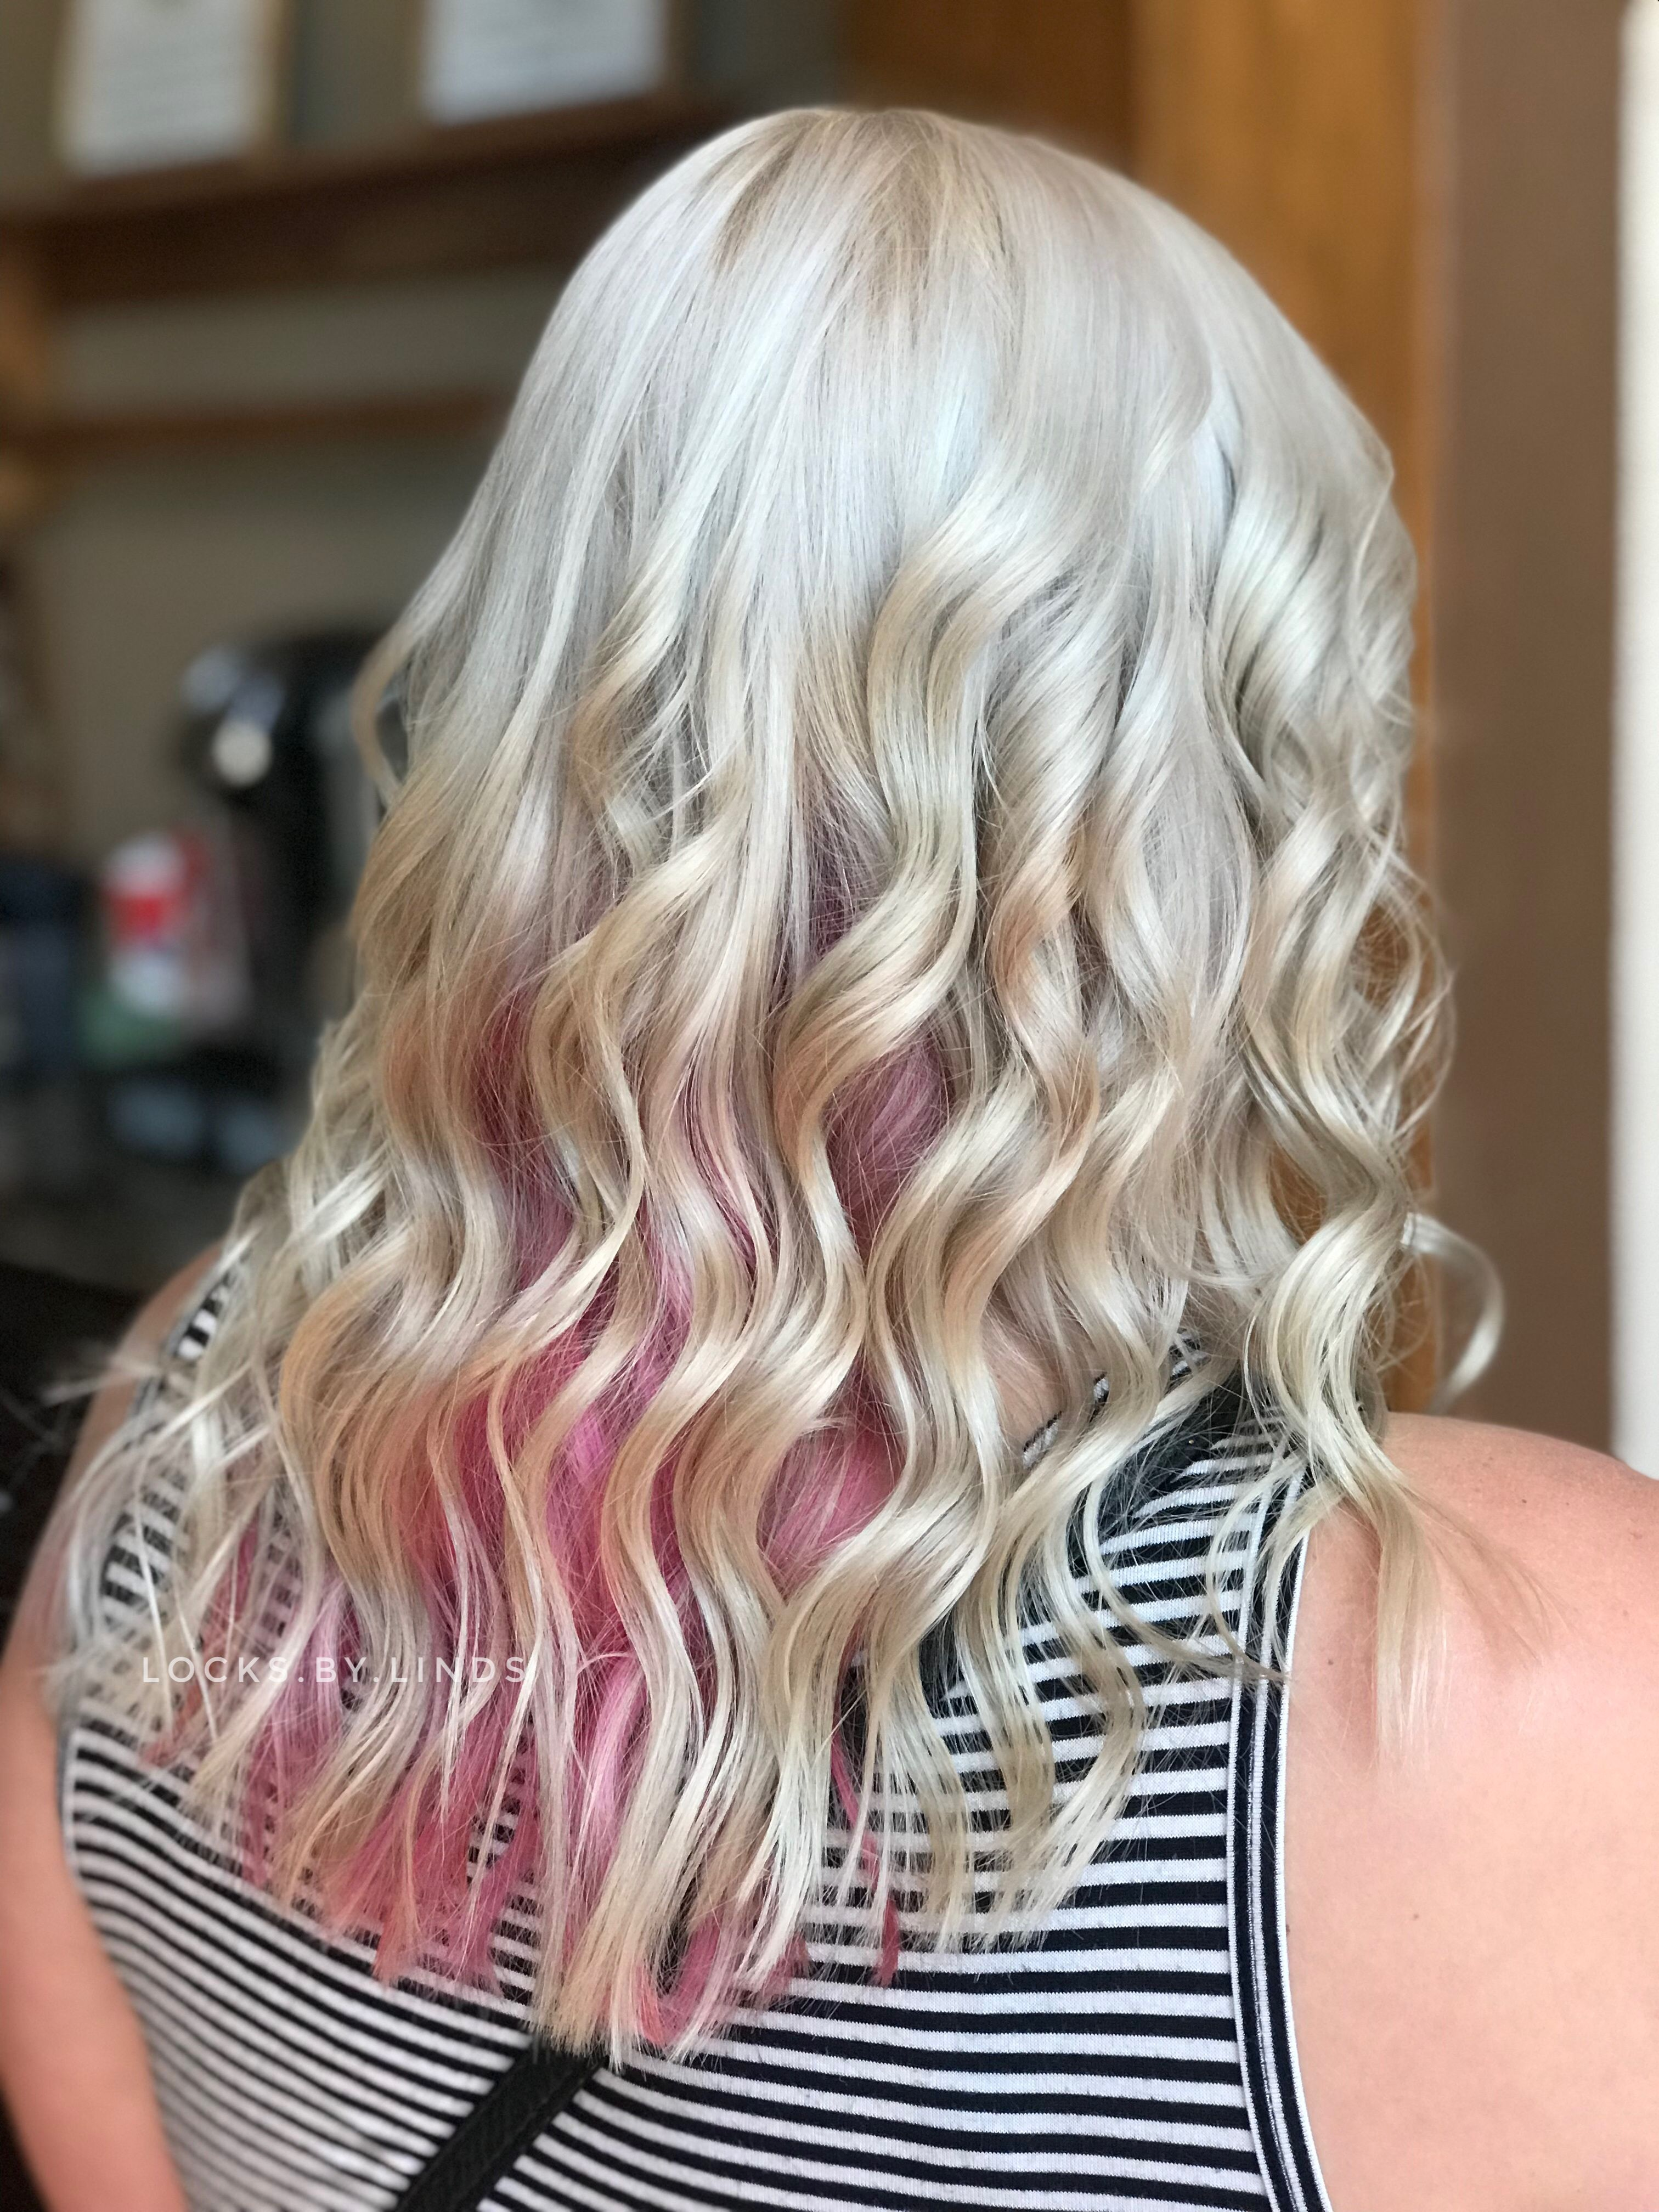 White Blonde Hair With Bubblegum Pink Underneath Locksbylinds Platinum Pinkhair Blondehair Pink Underneath Hair Pink Blonde Hair White Blonde Hair